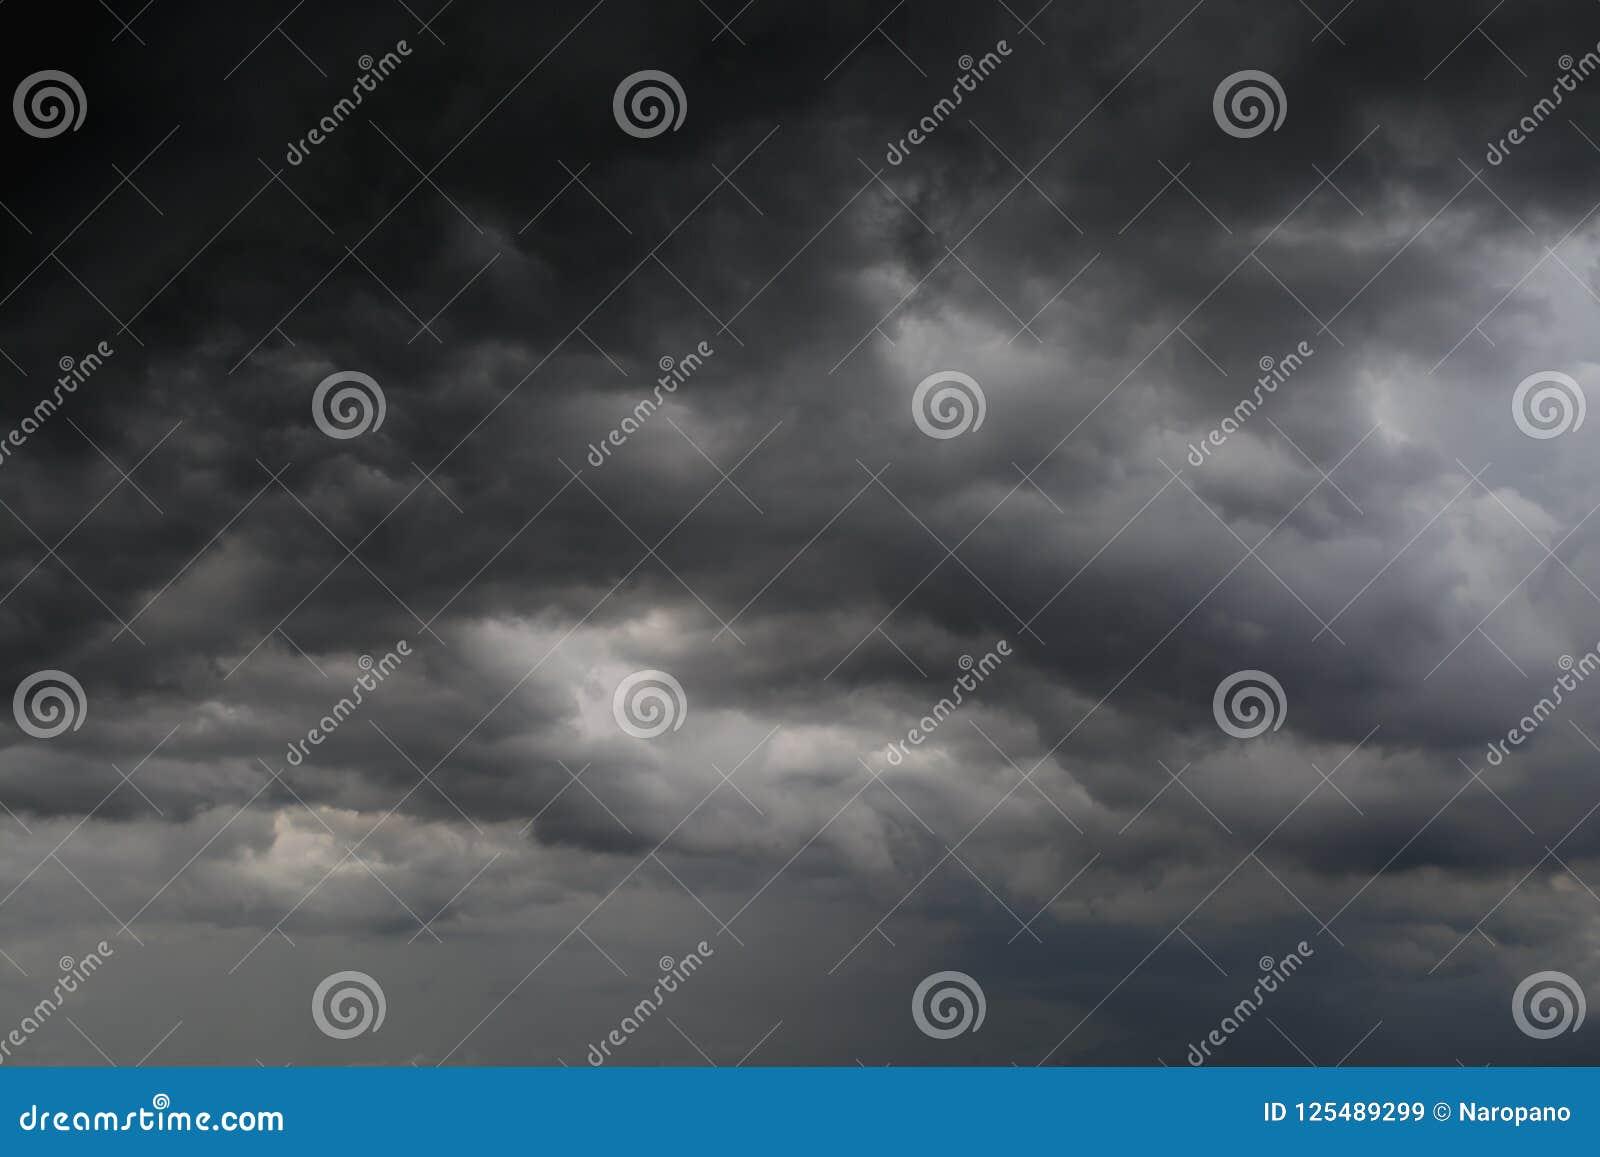 Μαύρη καταιγίδα σύννεφων στον απέραντο ουρανό